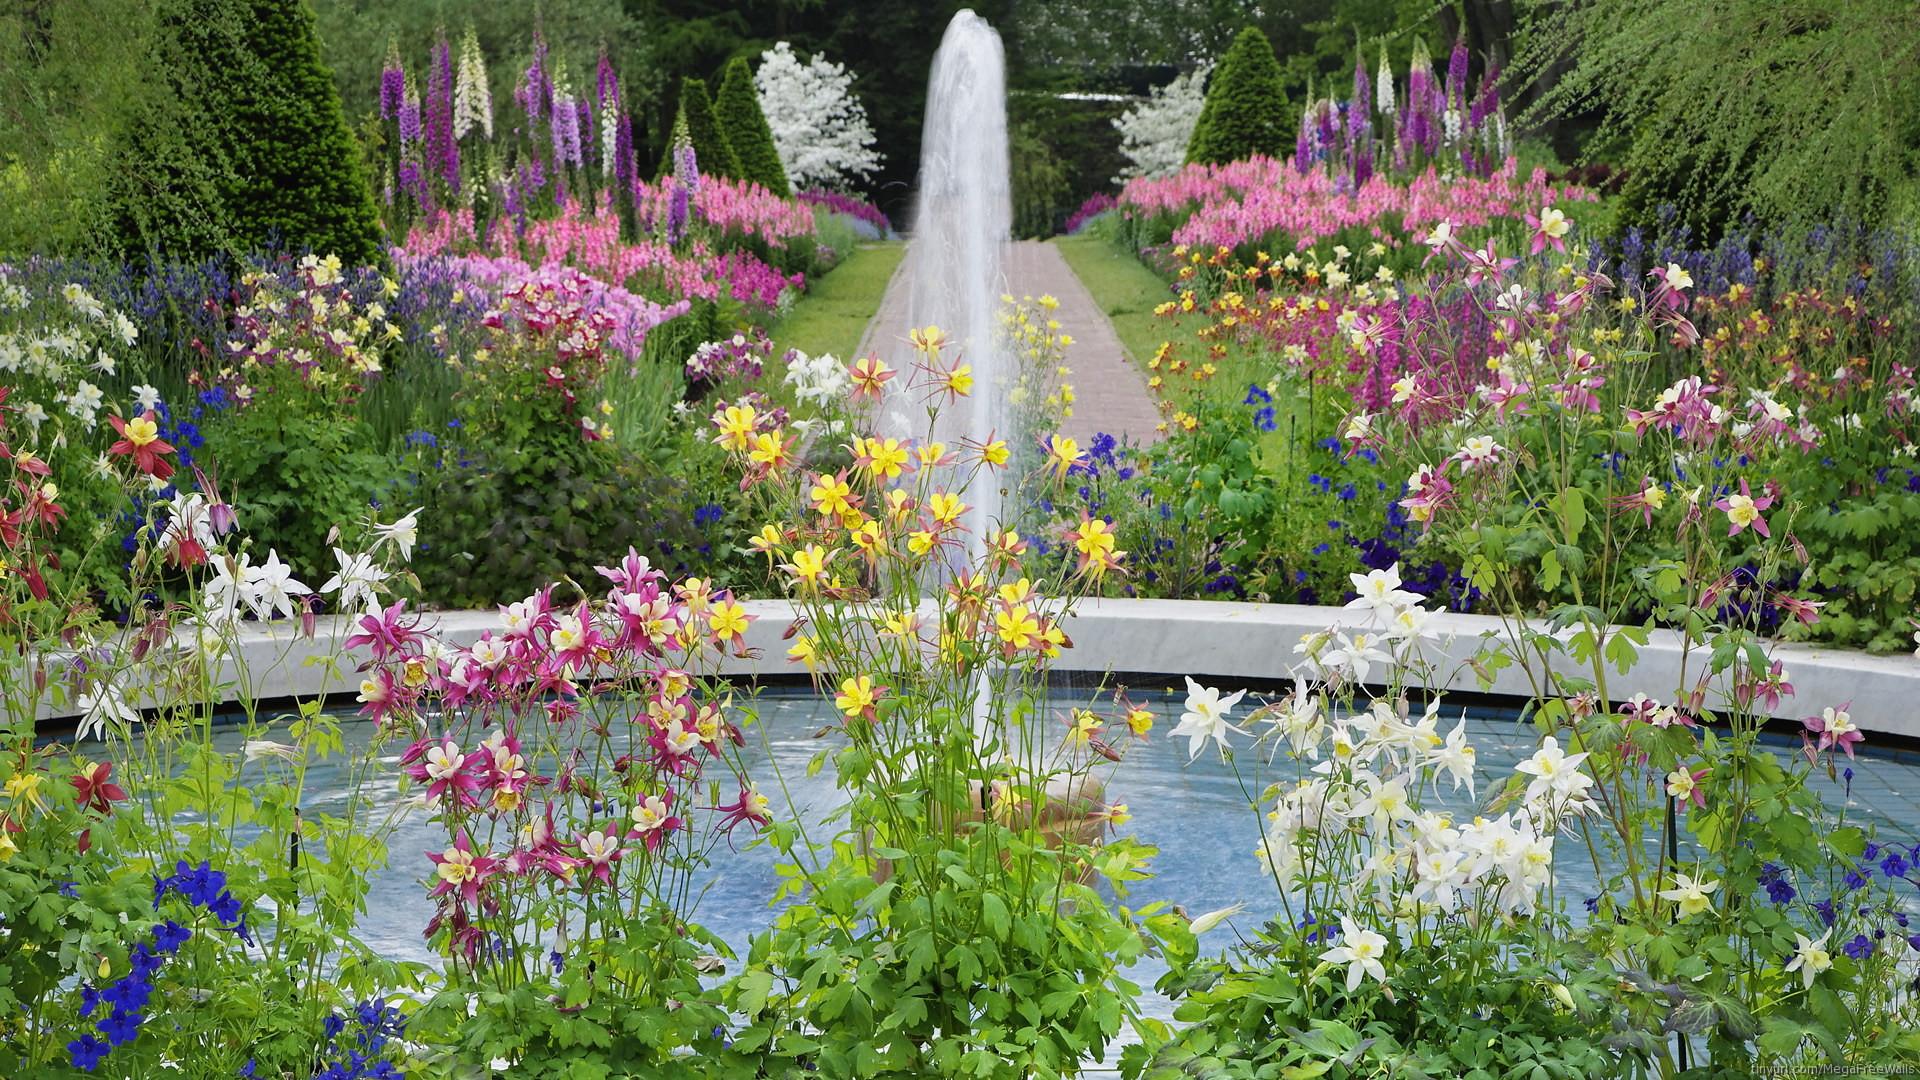 2800x2100 Flower Gardens Pictures   Niederlande Keukenhof Flower Garden  Wallpapers